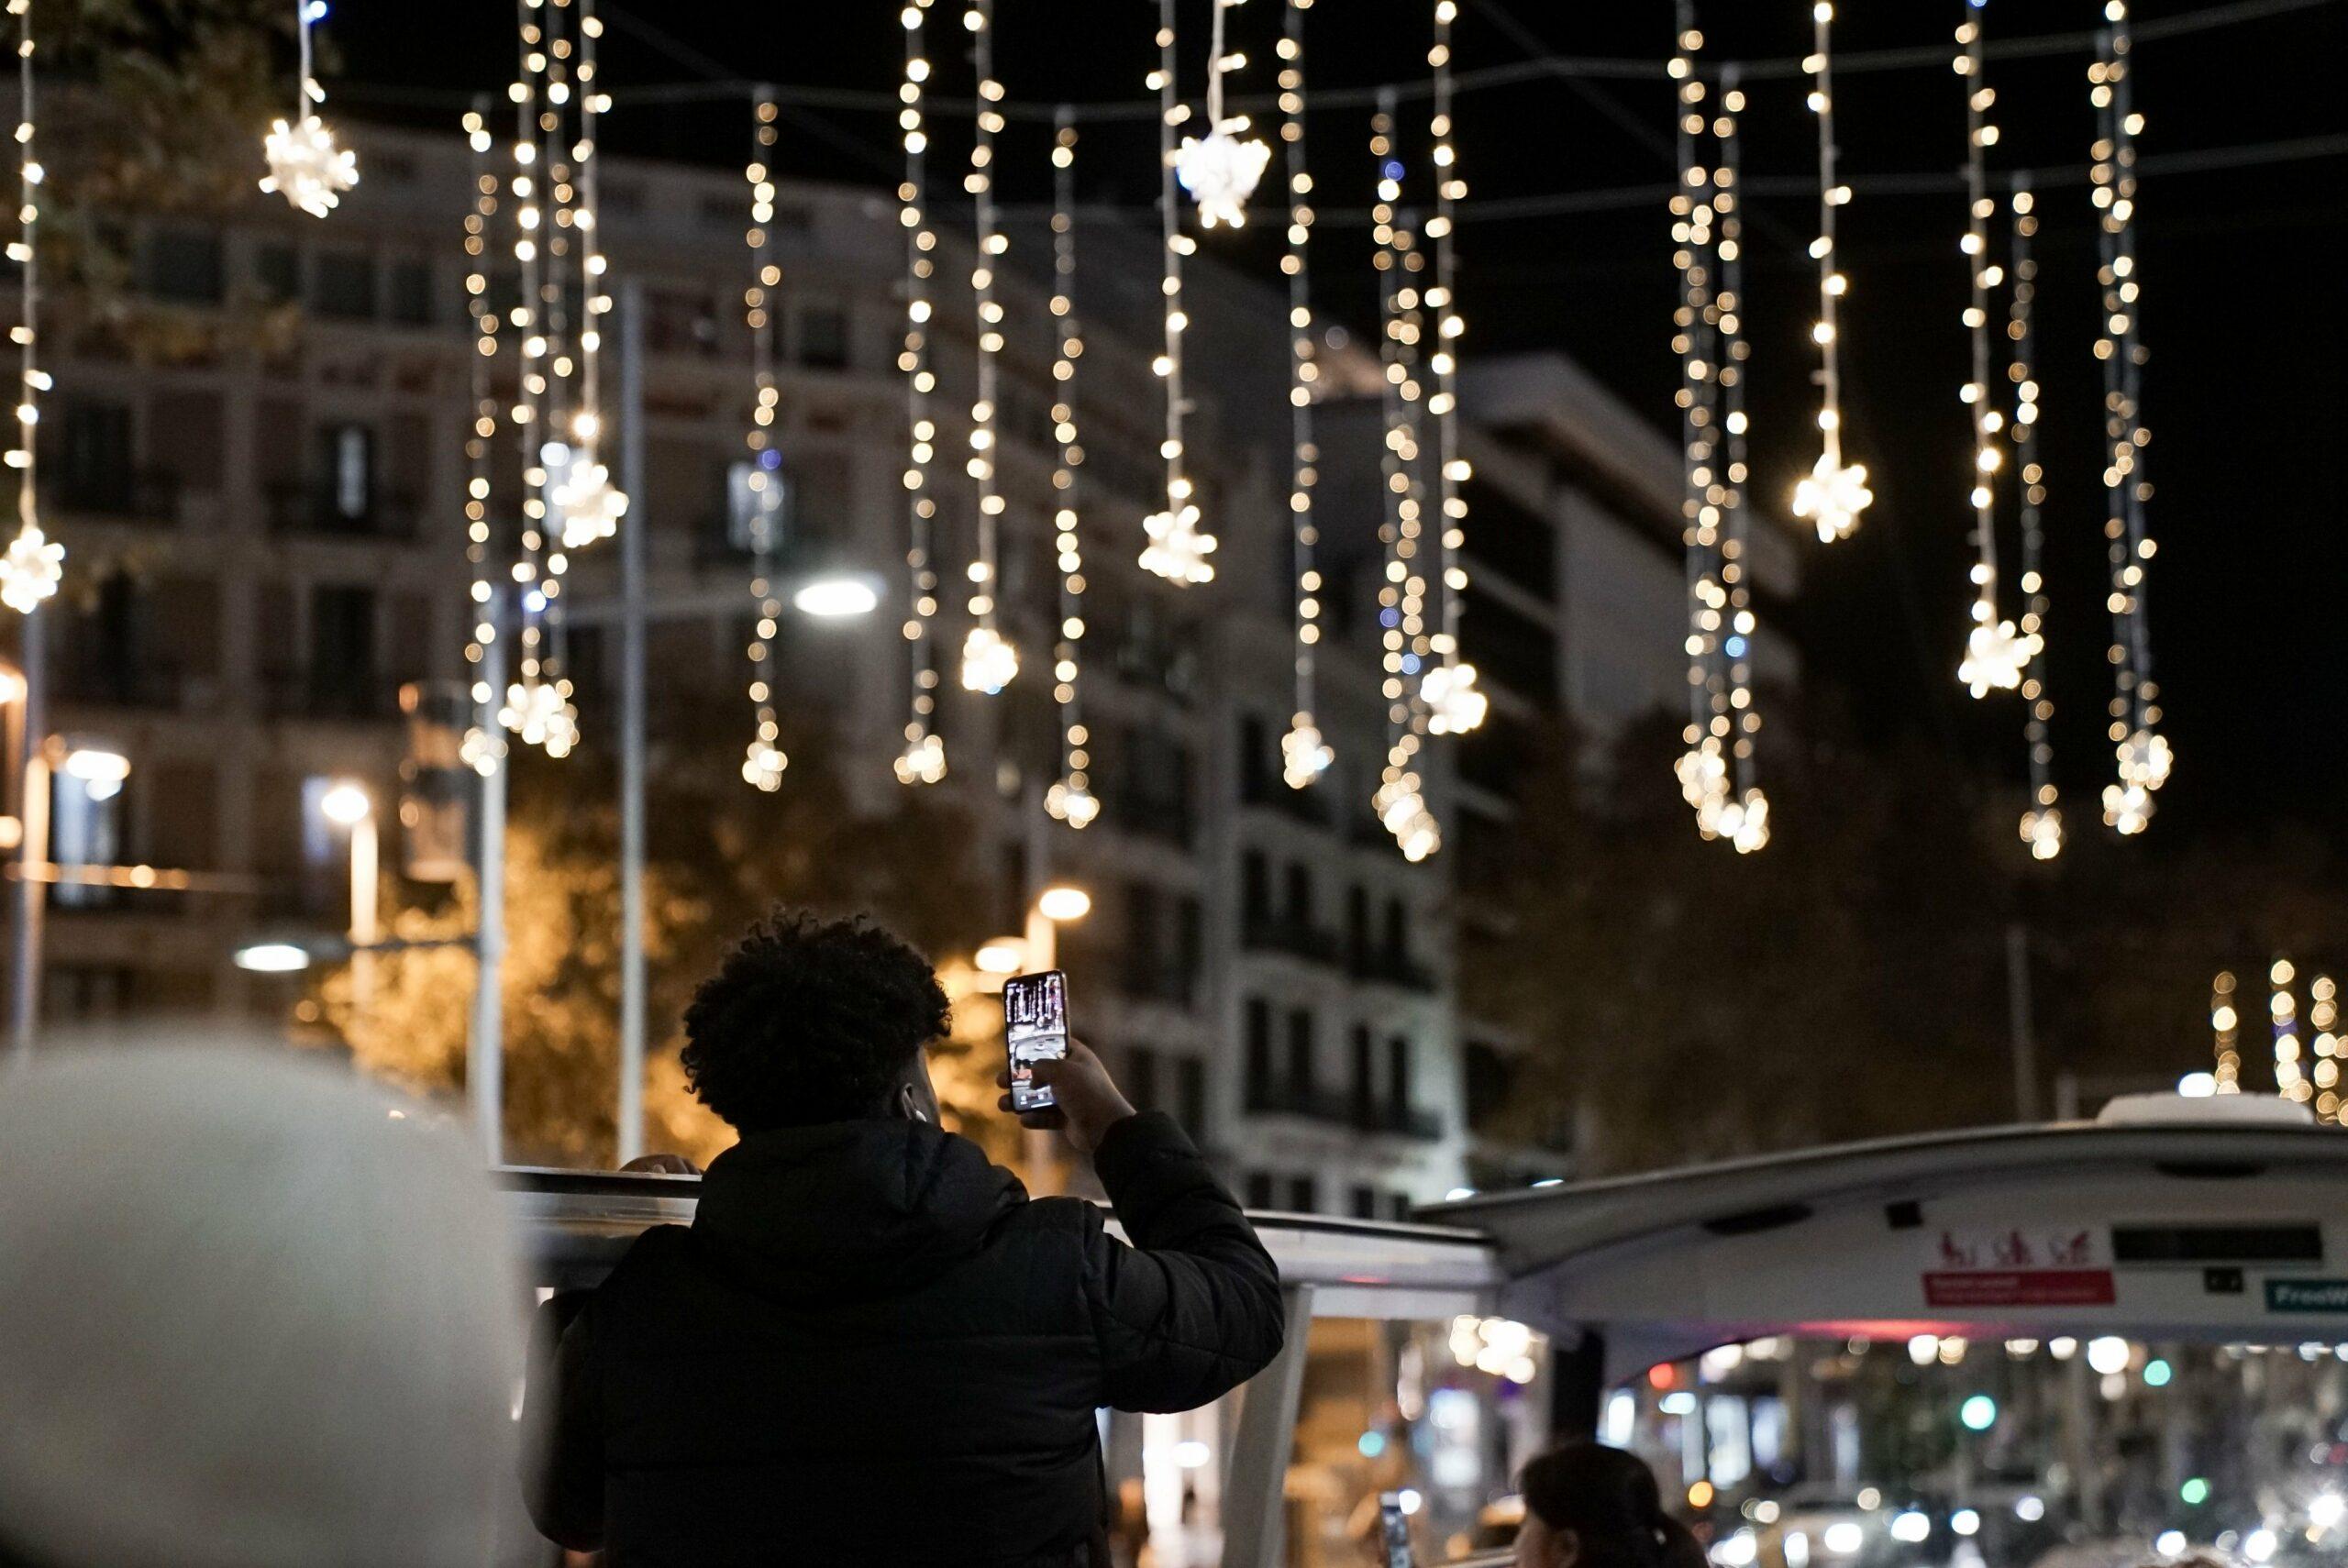 Imatge d'arxiu de l'encesa de llums de Nadal / @Bcn_Eixample